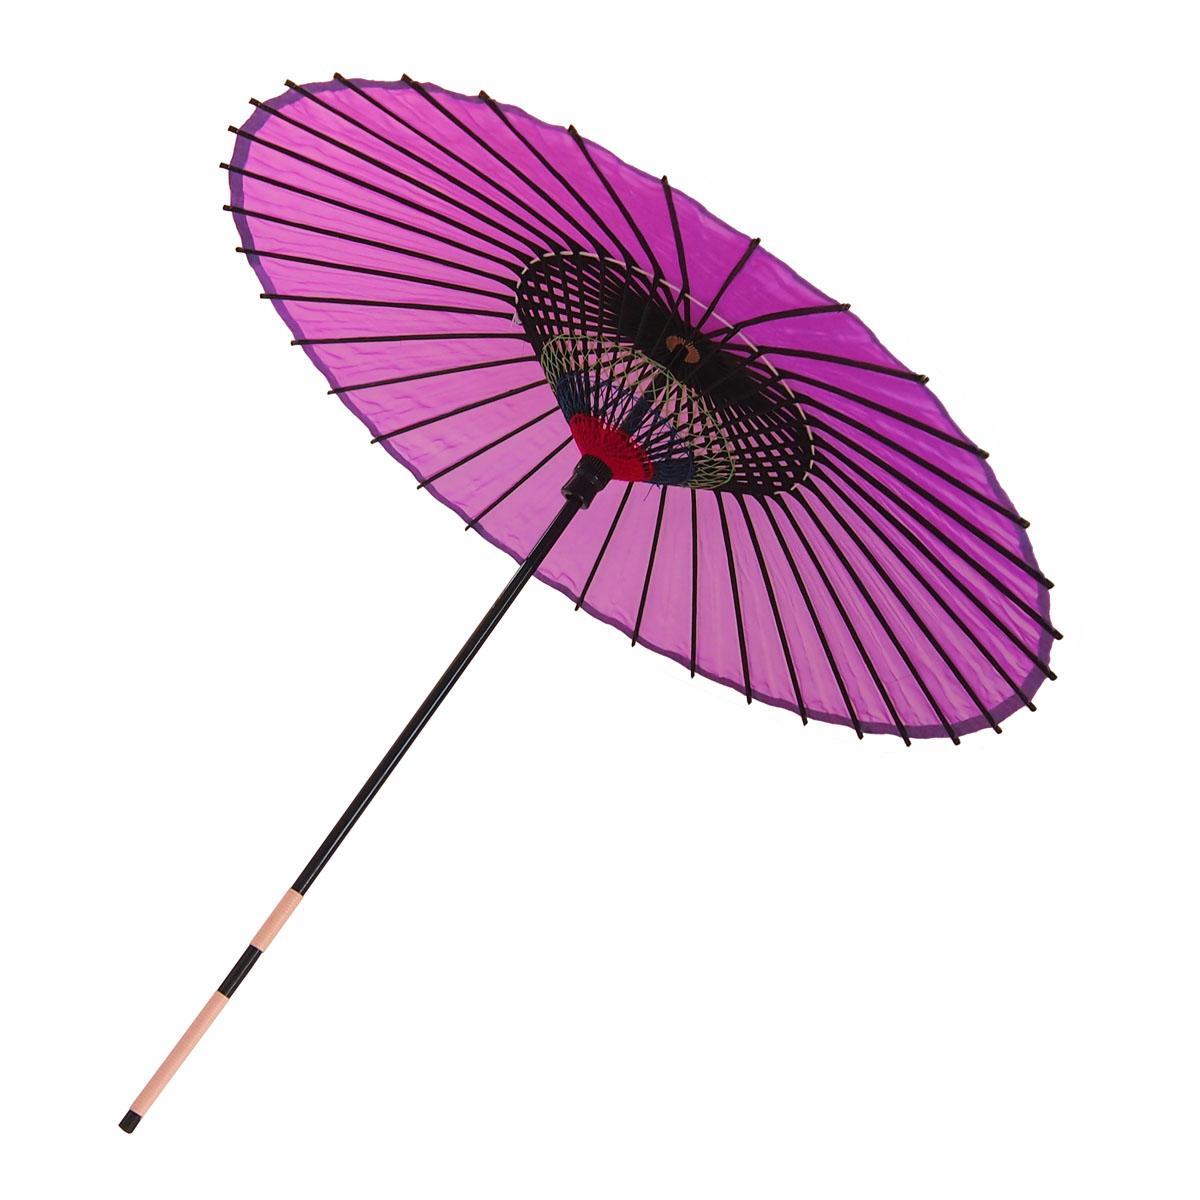 絹傘 無地 赤紫